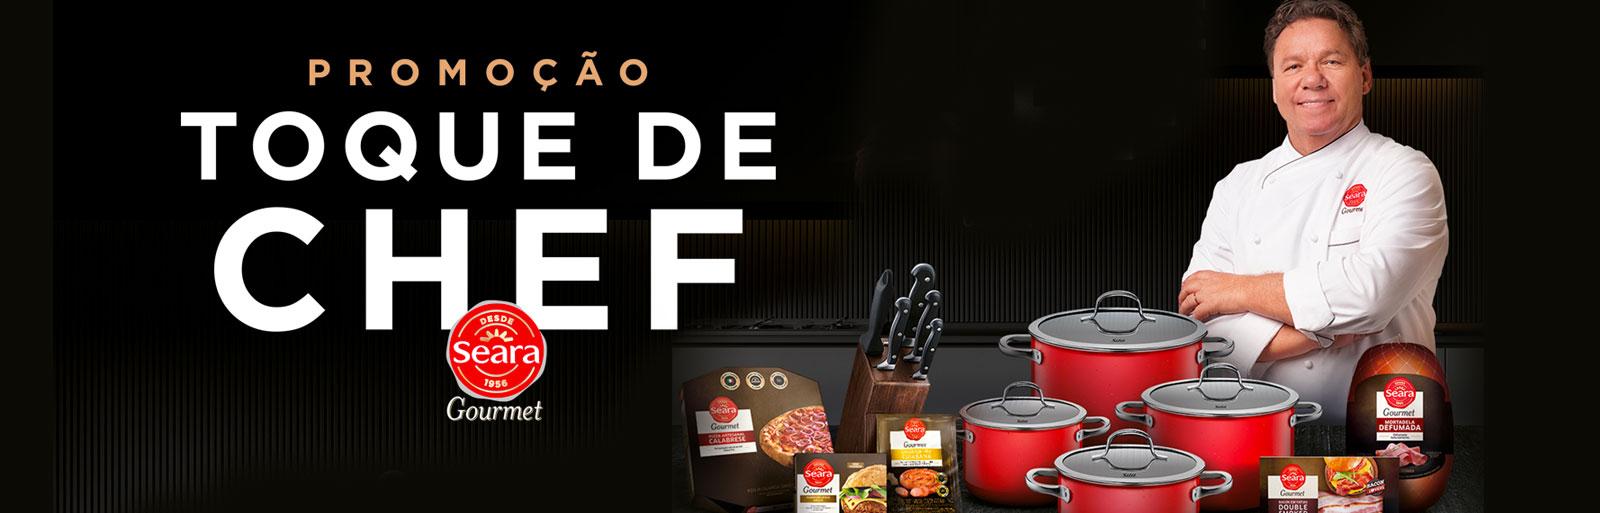 Promoção Toque de Chef Seara Gourmet